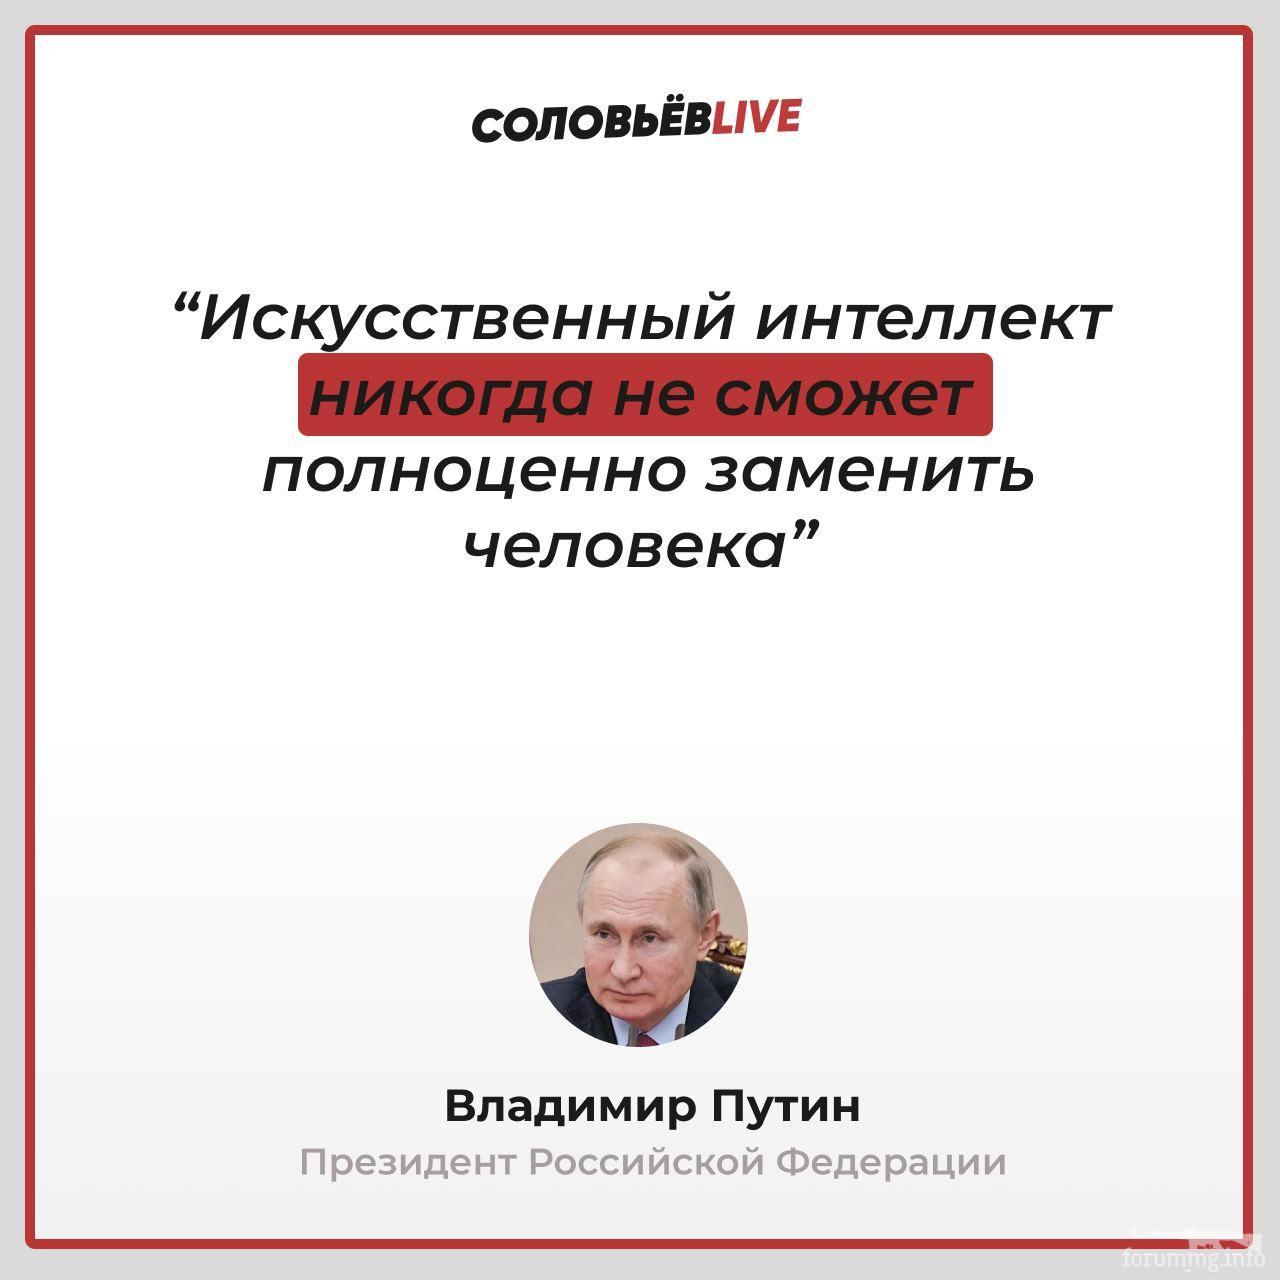 116590 - А в России чудеса!